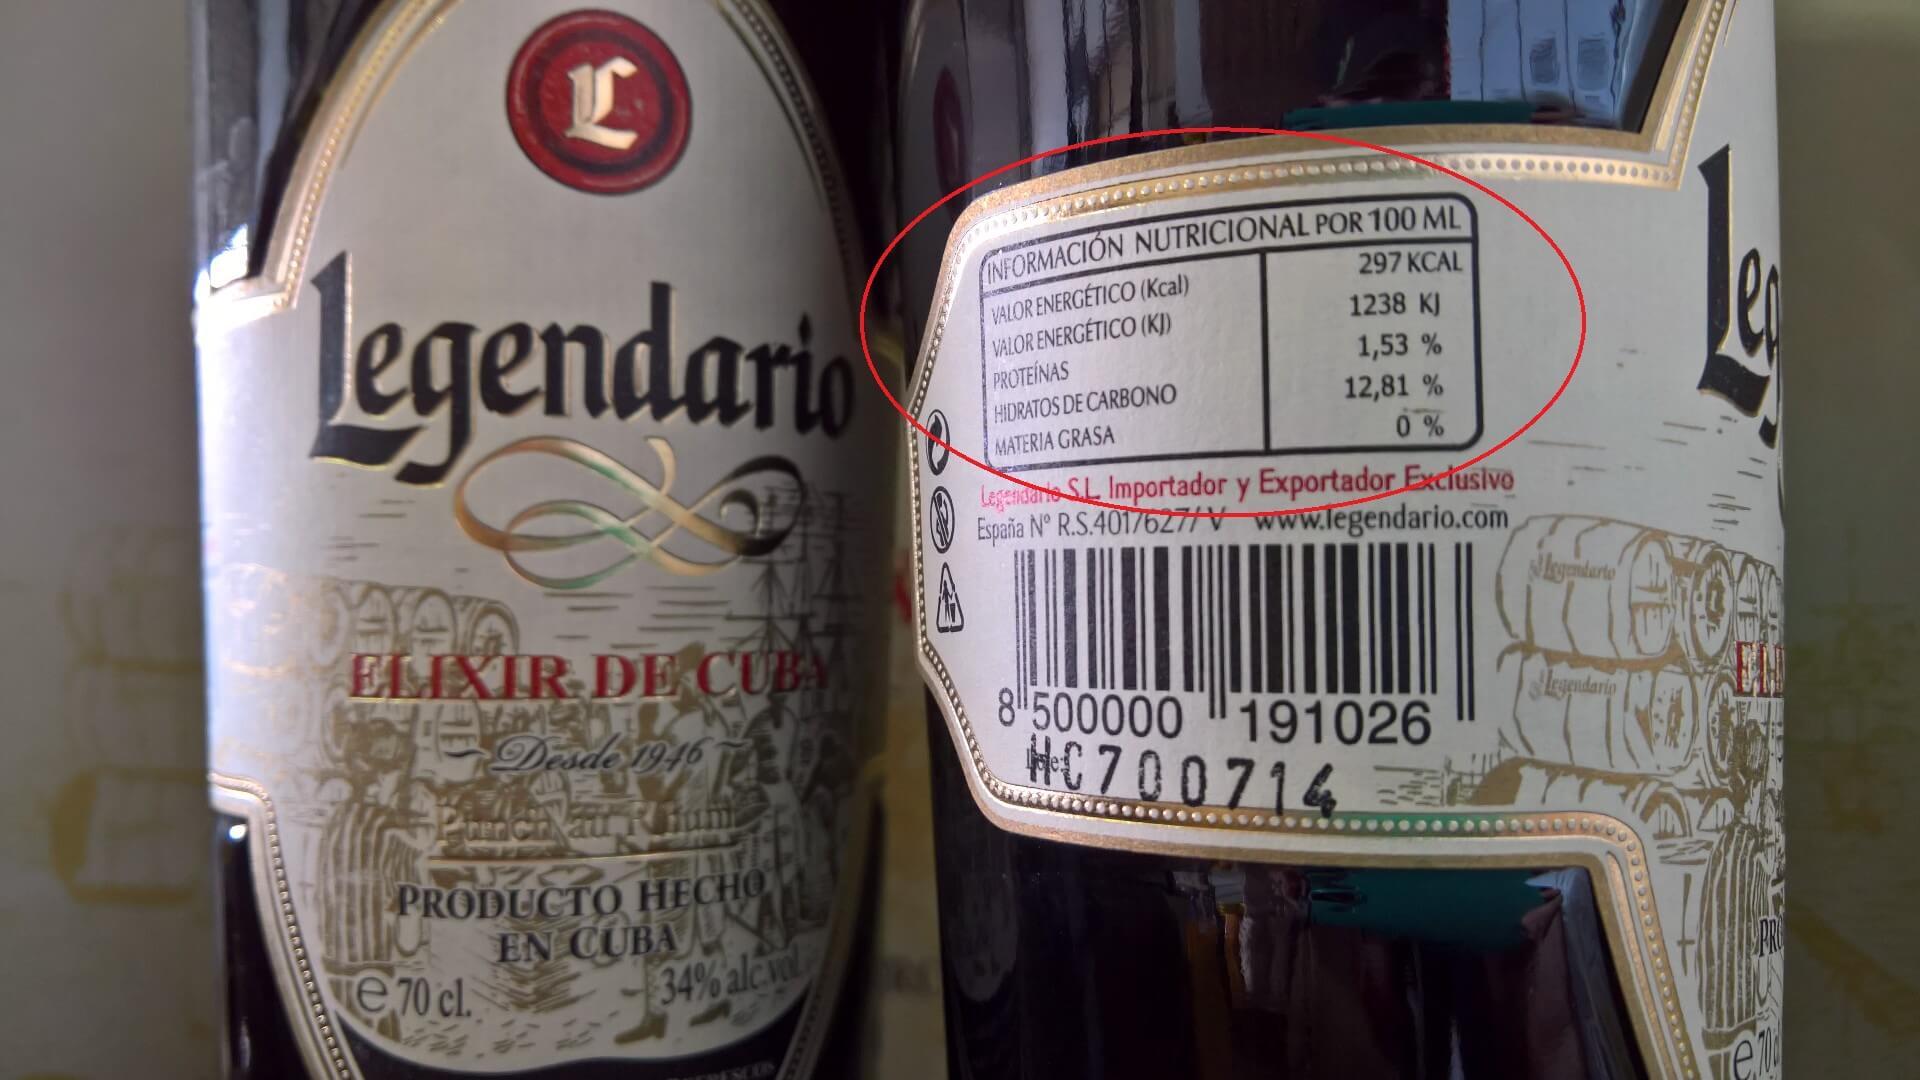 Kennzeichnungspflicht für Zutaten und Nährwerte bei Spirituosen ...